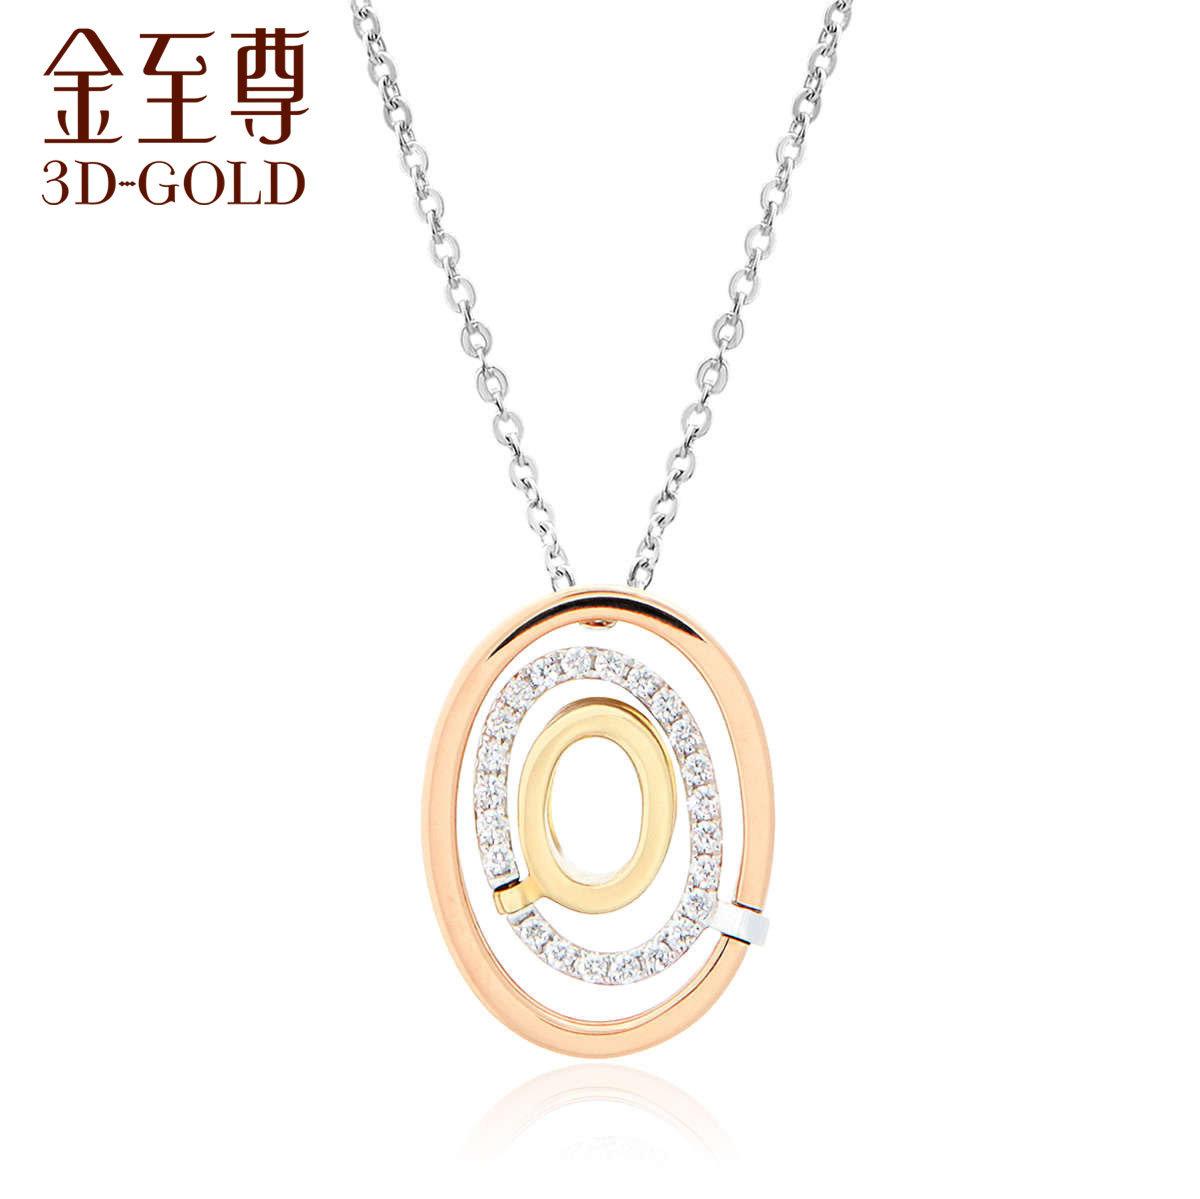 18K/750金(多色)鑲鑽石吊墜